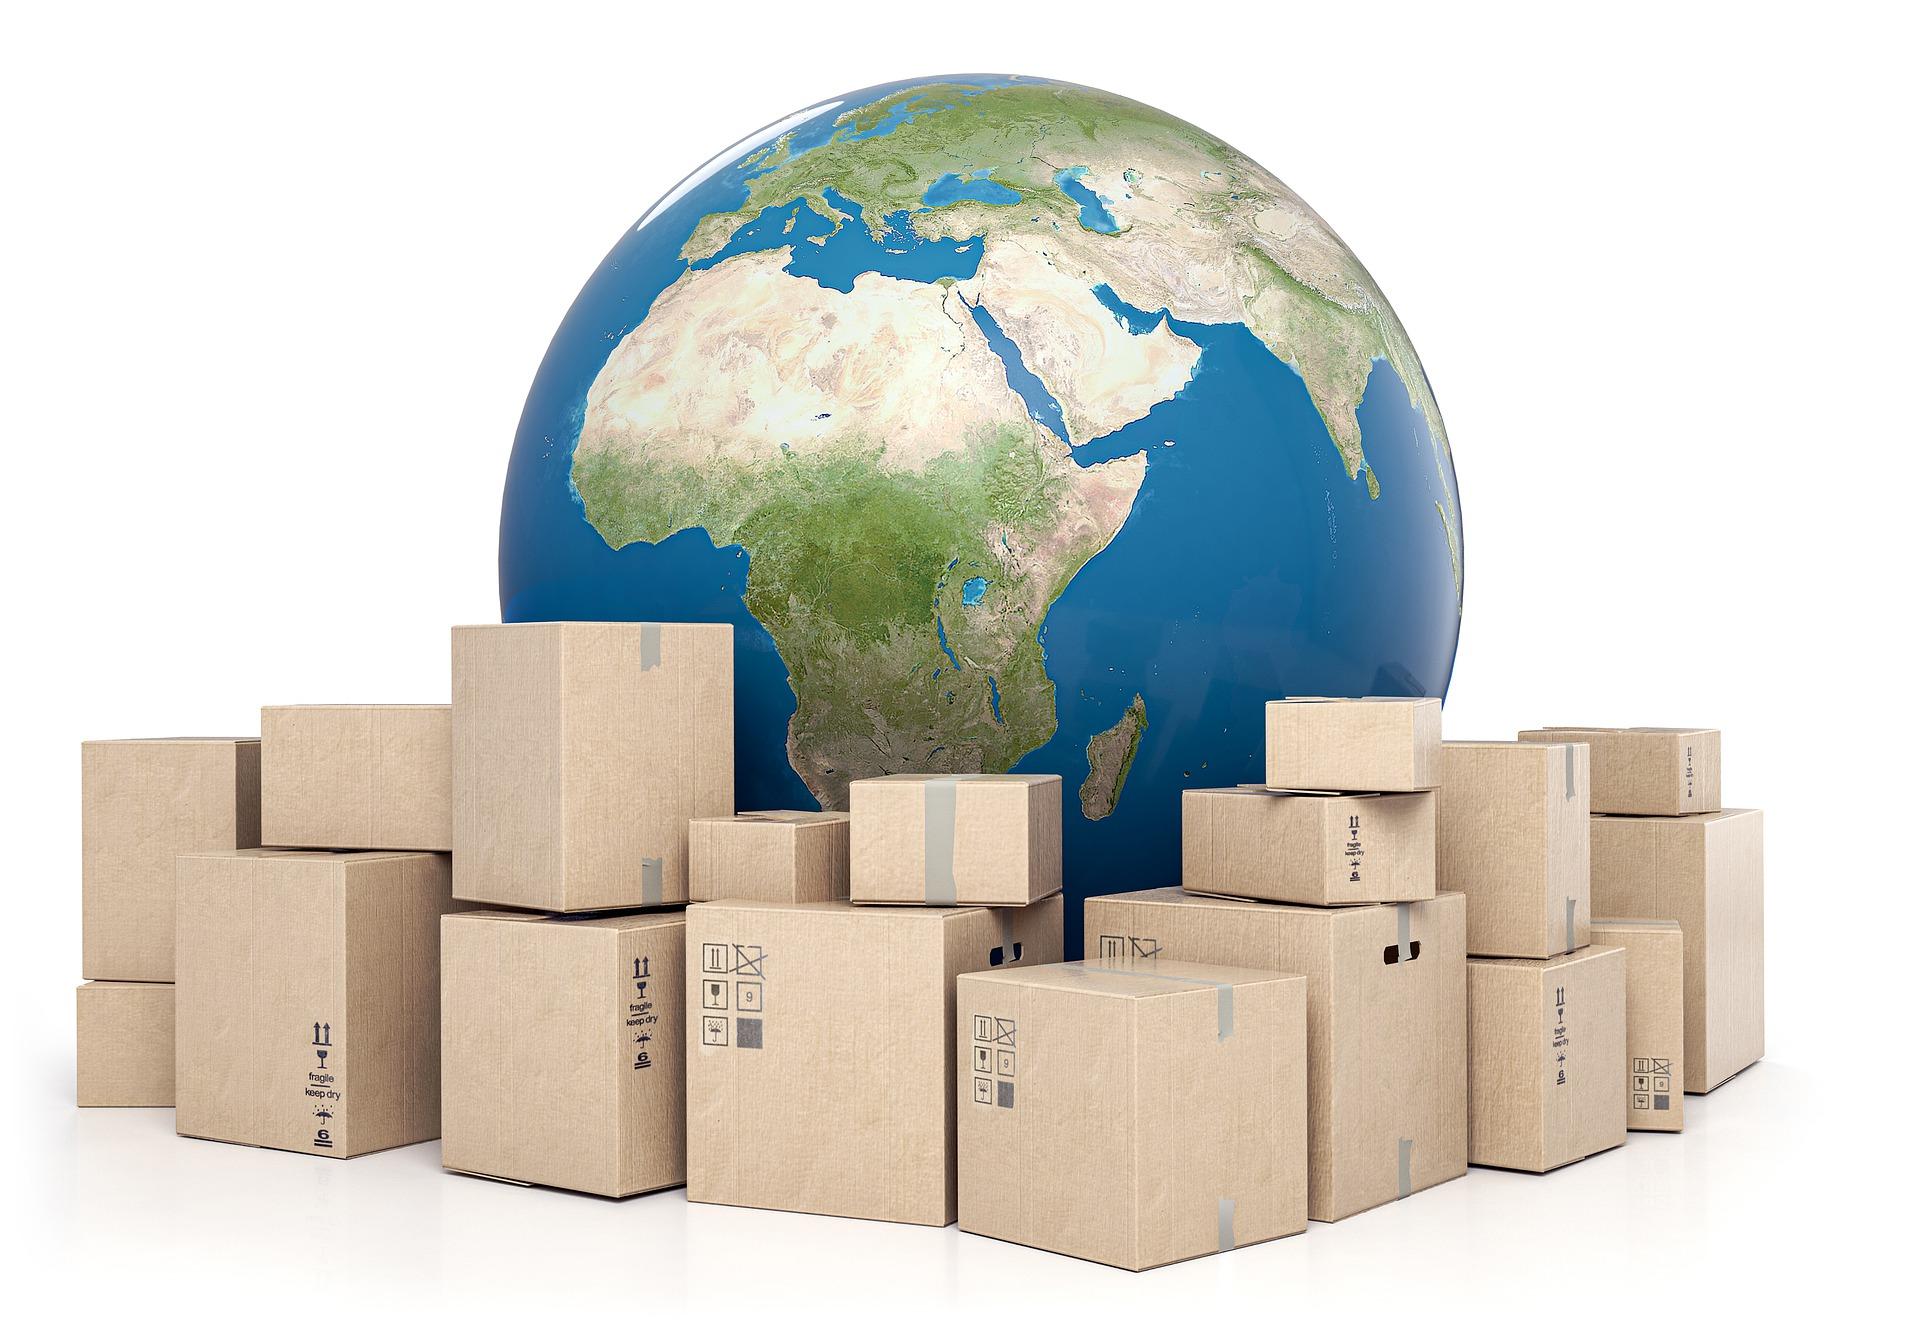 Servicios courier 4x4 4x4